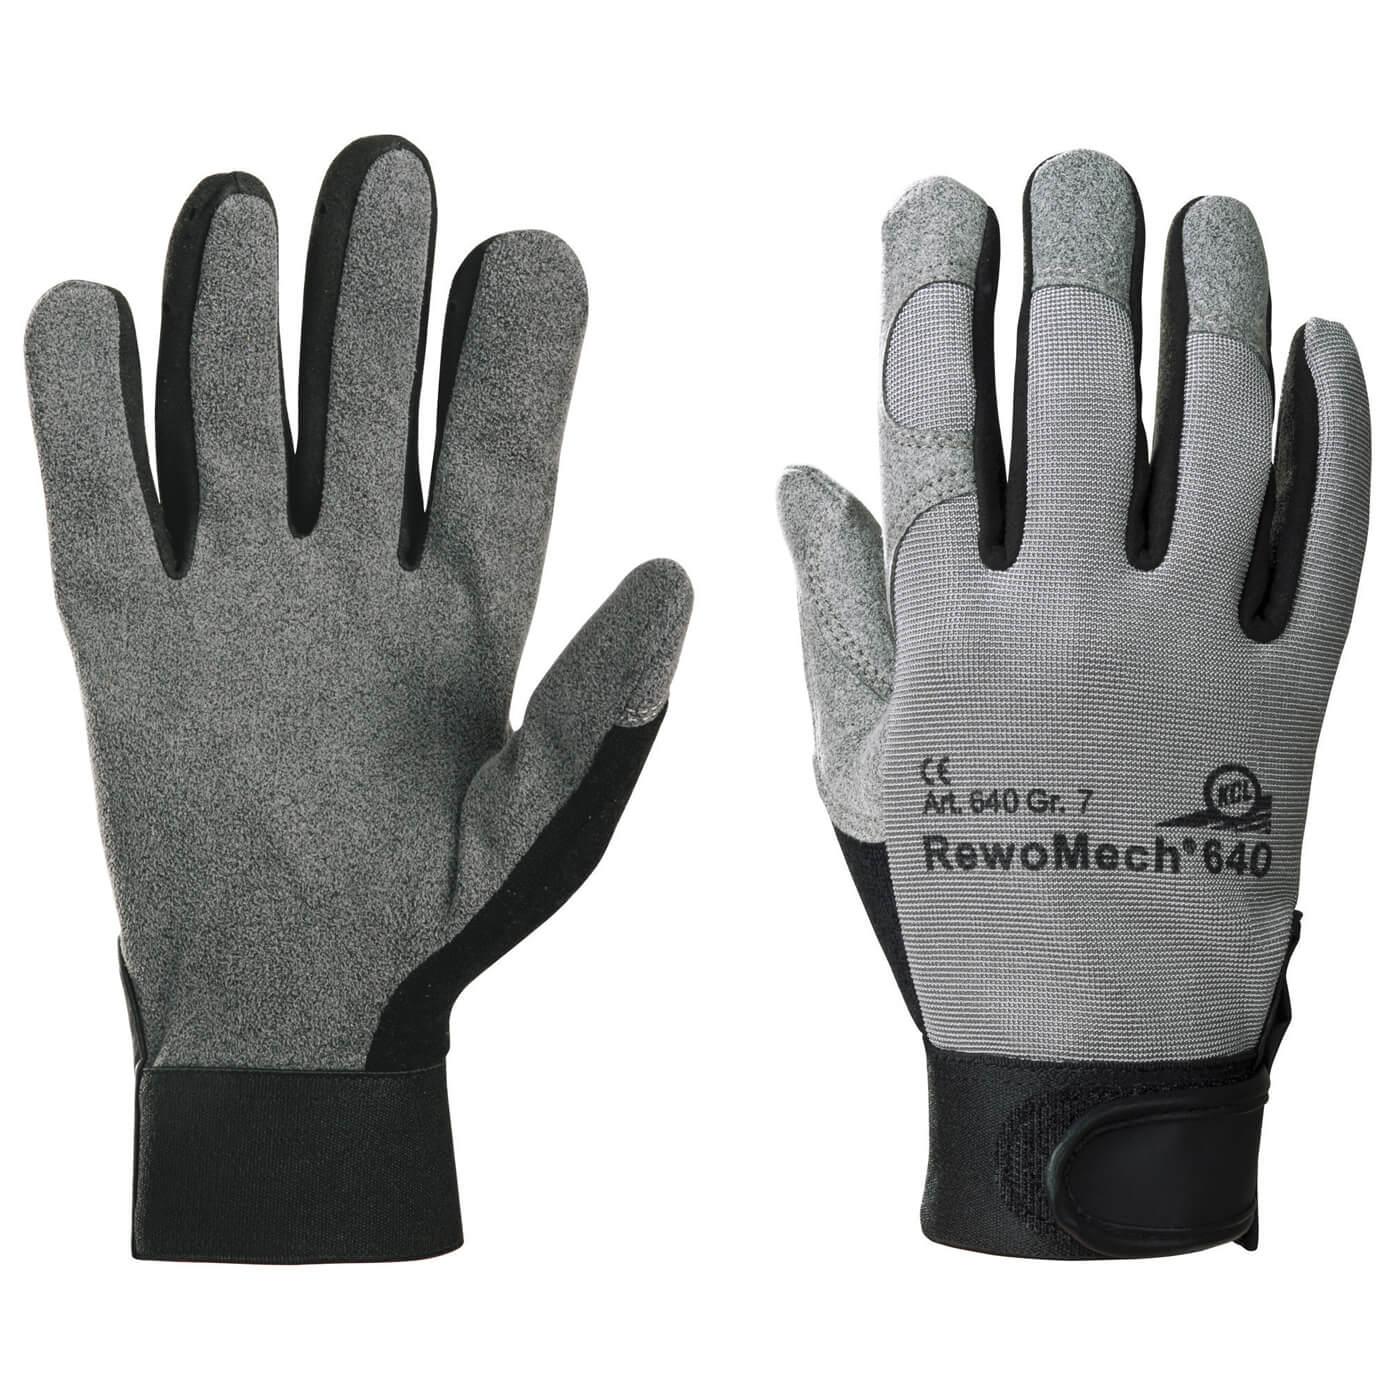 Rękawice mechaniczne KCL 640 REWOMECH